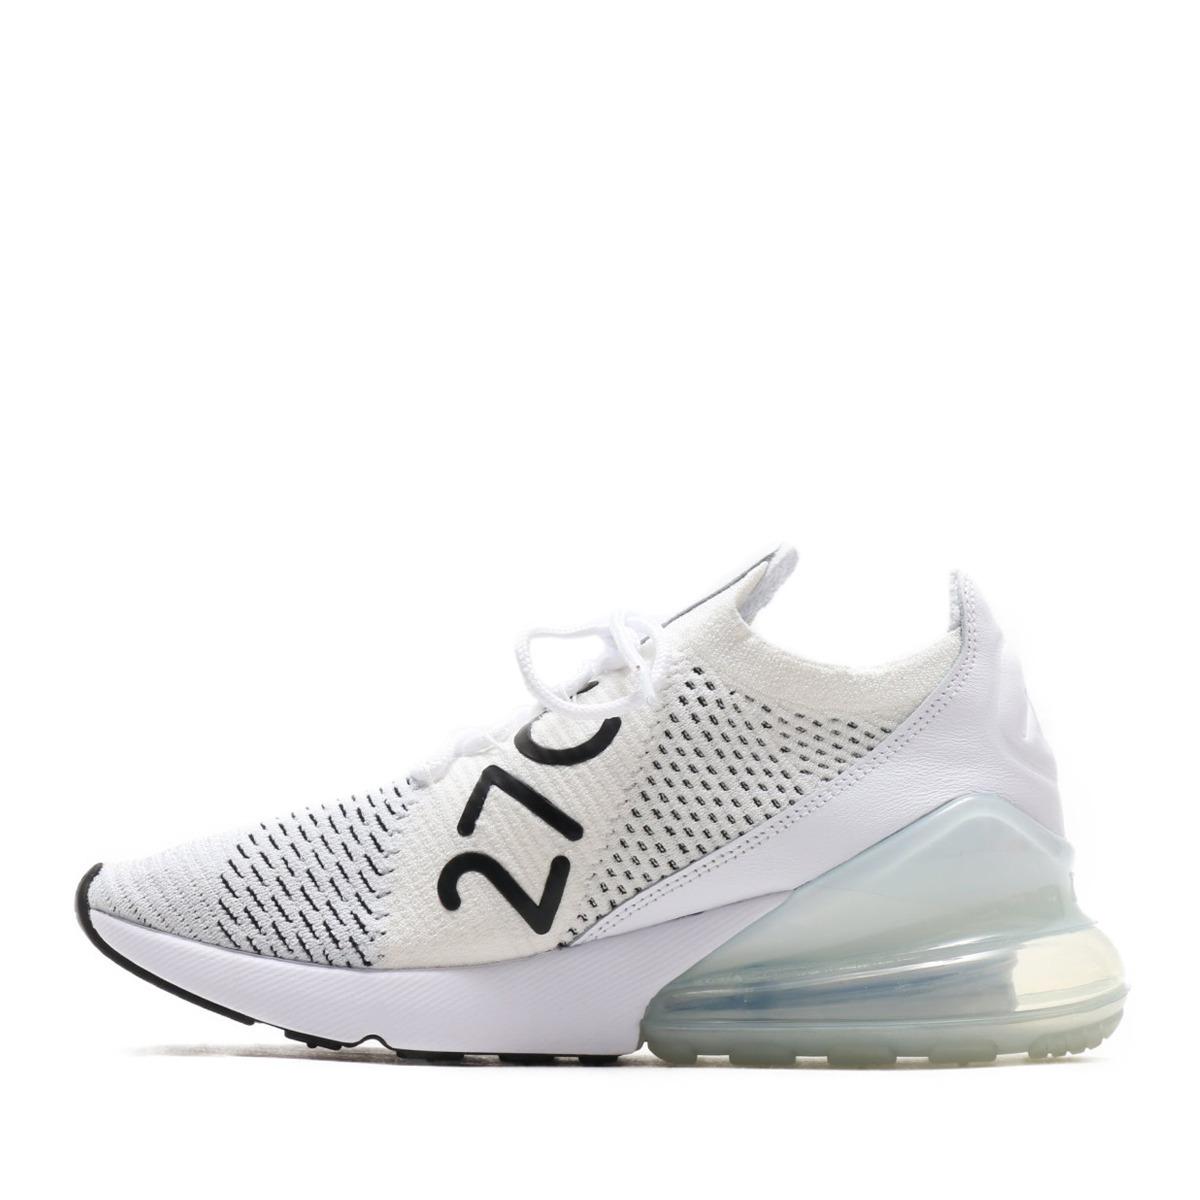 buty do biegania sklep z wyprzedażami konkurencyjna cena Zapatillas Nike Air Max 270 Flyknit Hombre -talle 46 / 13 Us